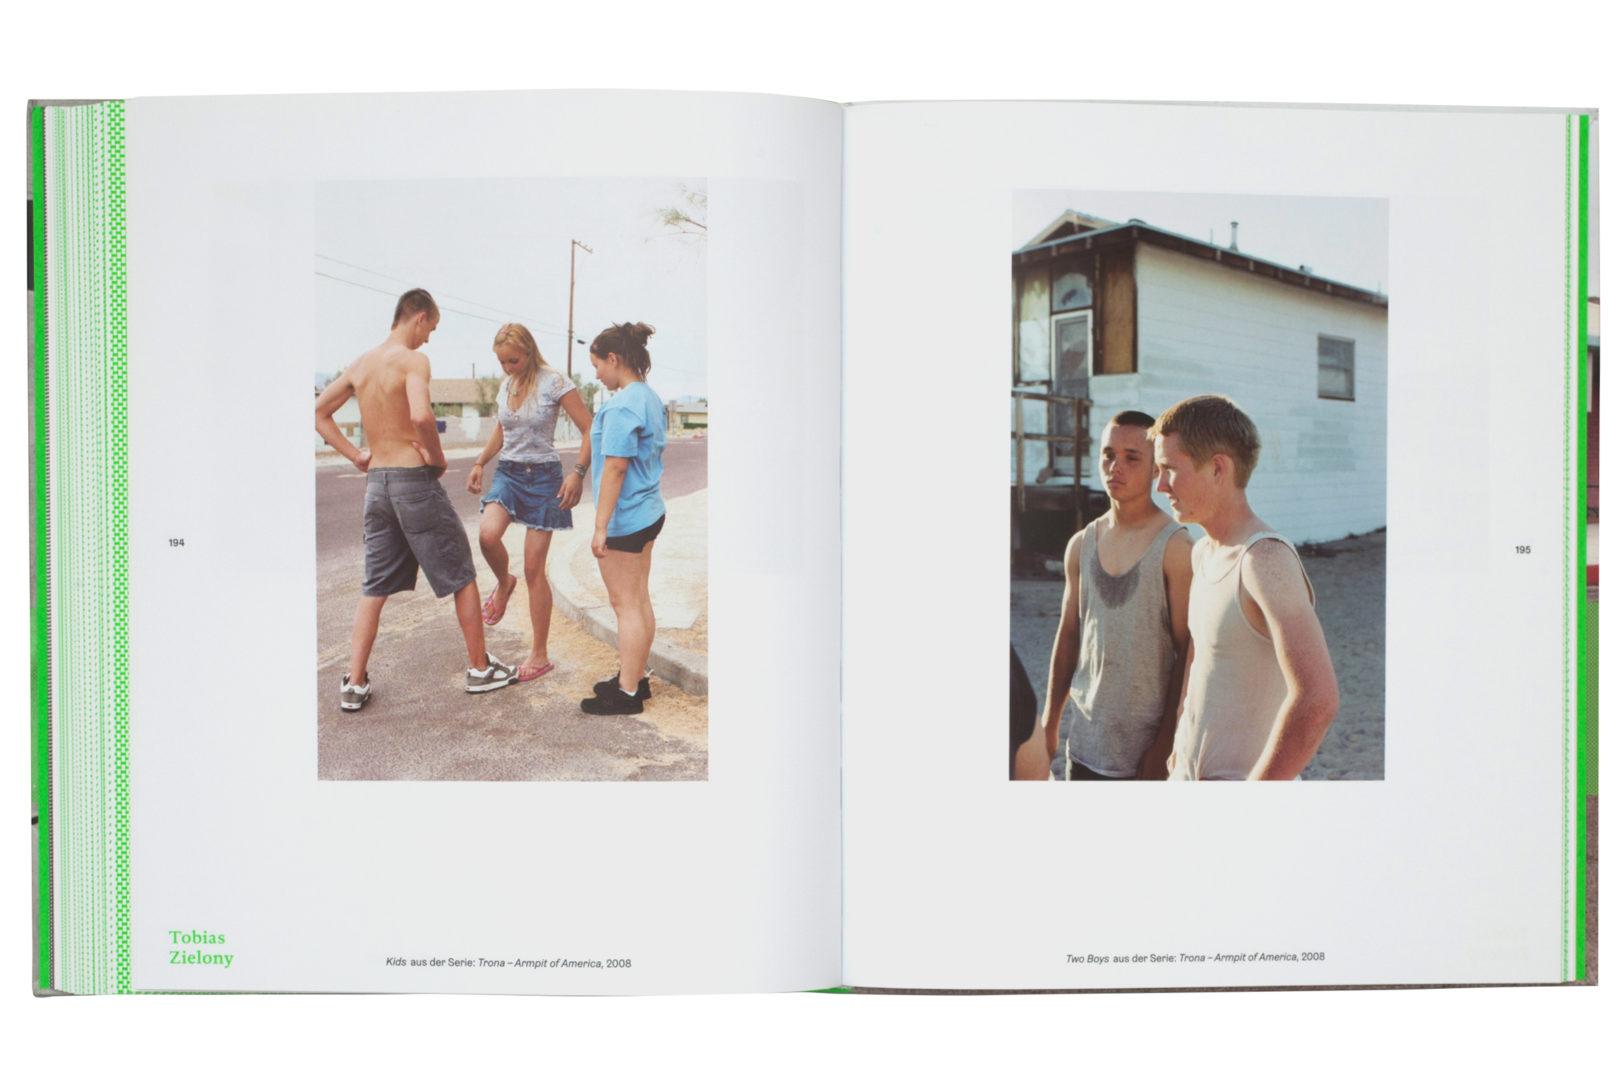 http://e-o-t.de/wordpress/wp-content/uploads/2017/12/eot-2017-FotografierteFerne-Book-16.jpg